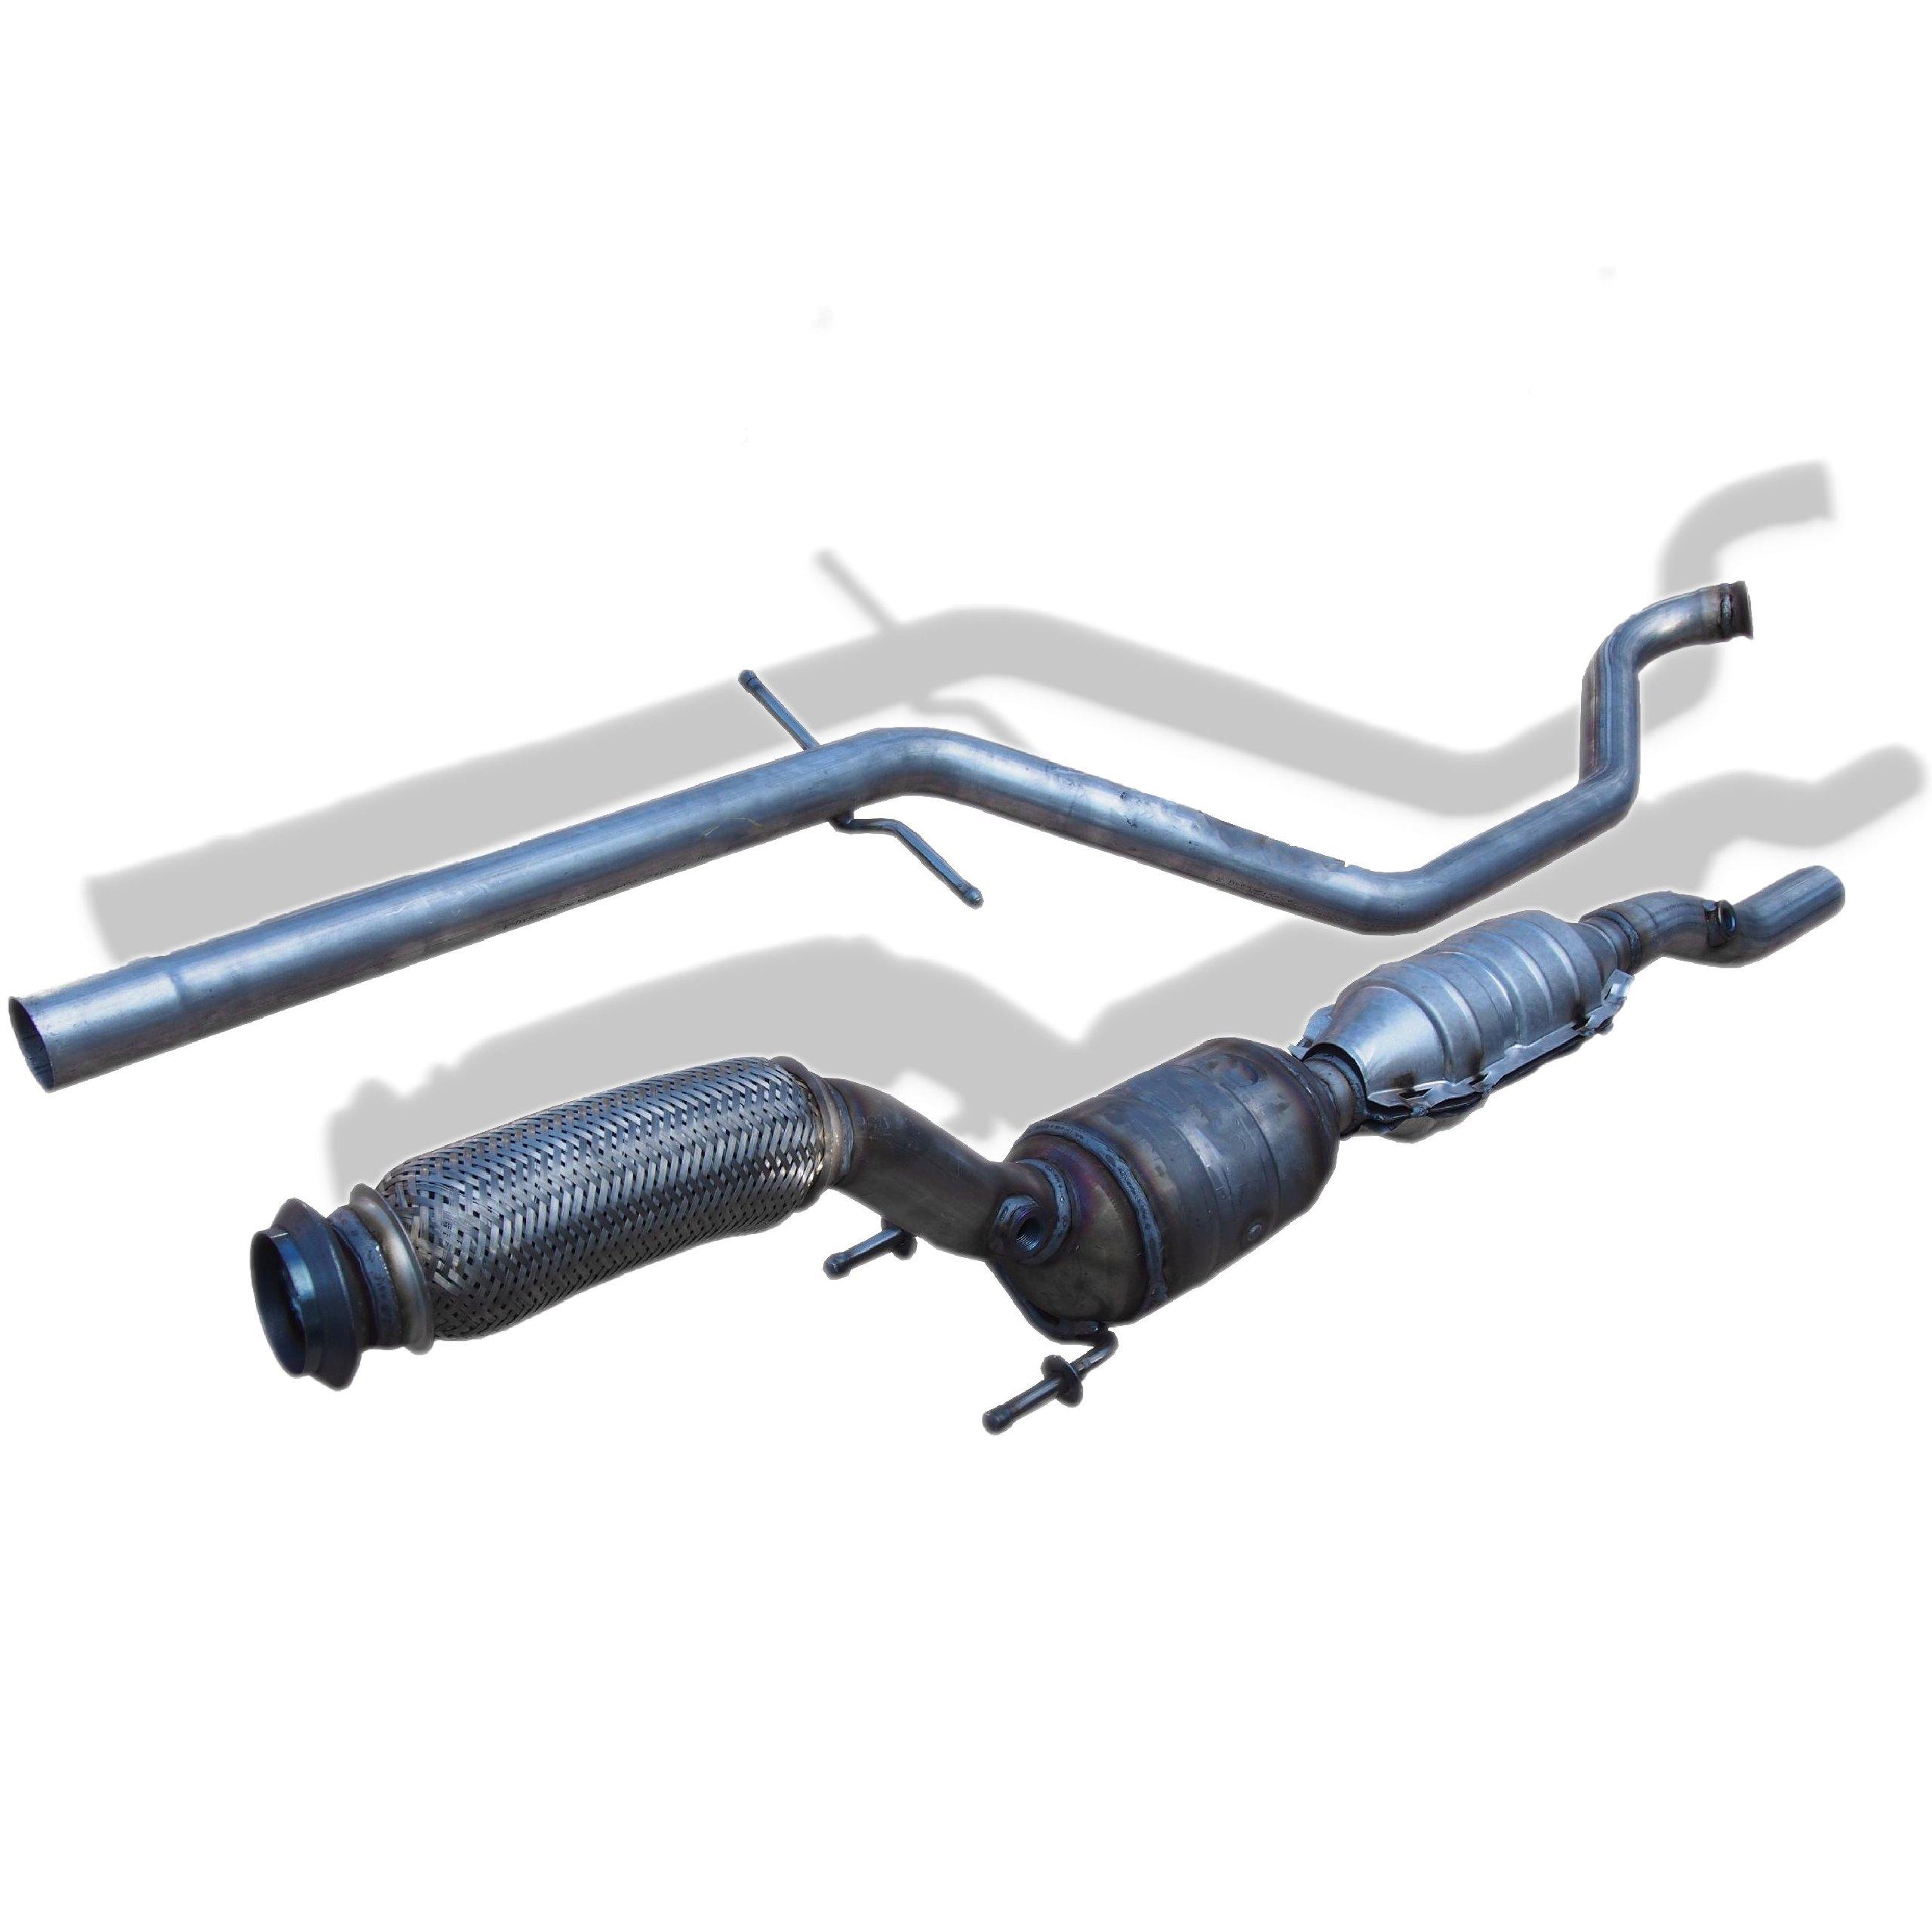 катализатор peugeot 407 18i 16v ew7j4 2004-2005